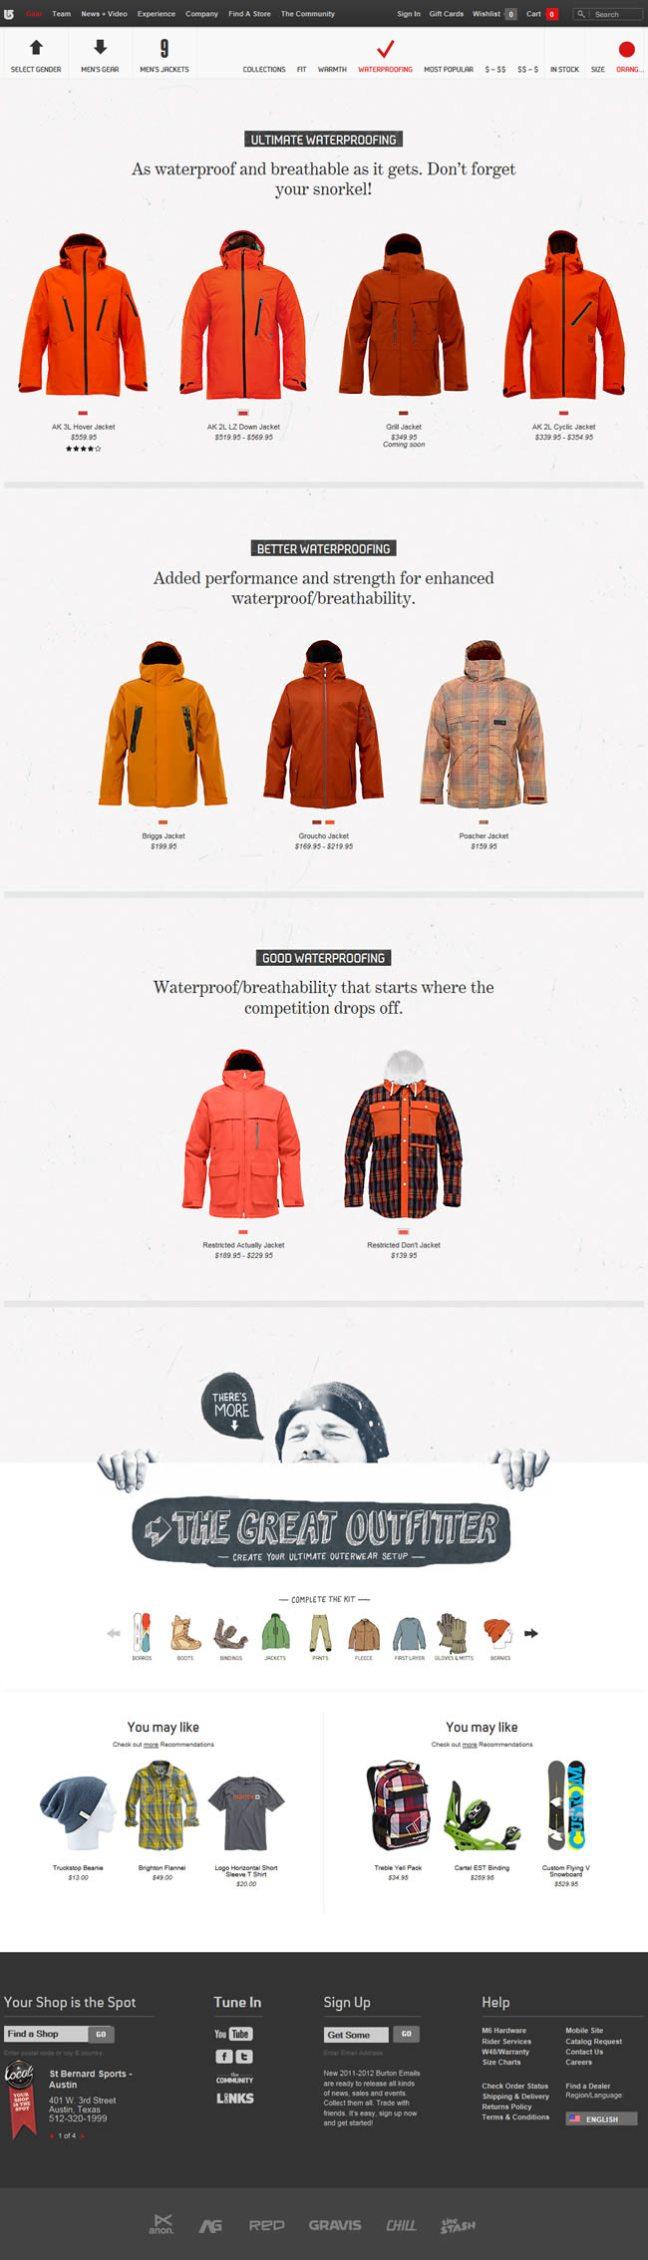 Burton gallery page design example